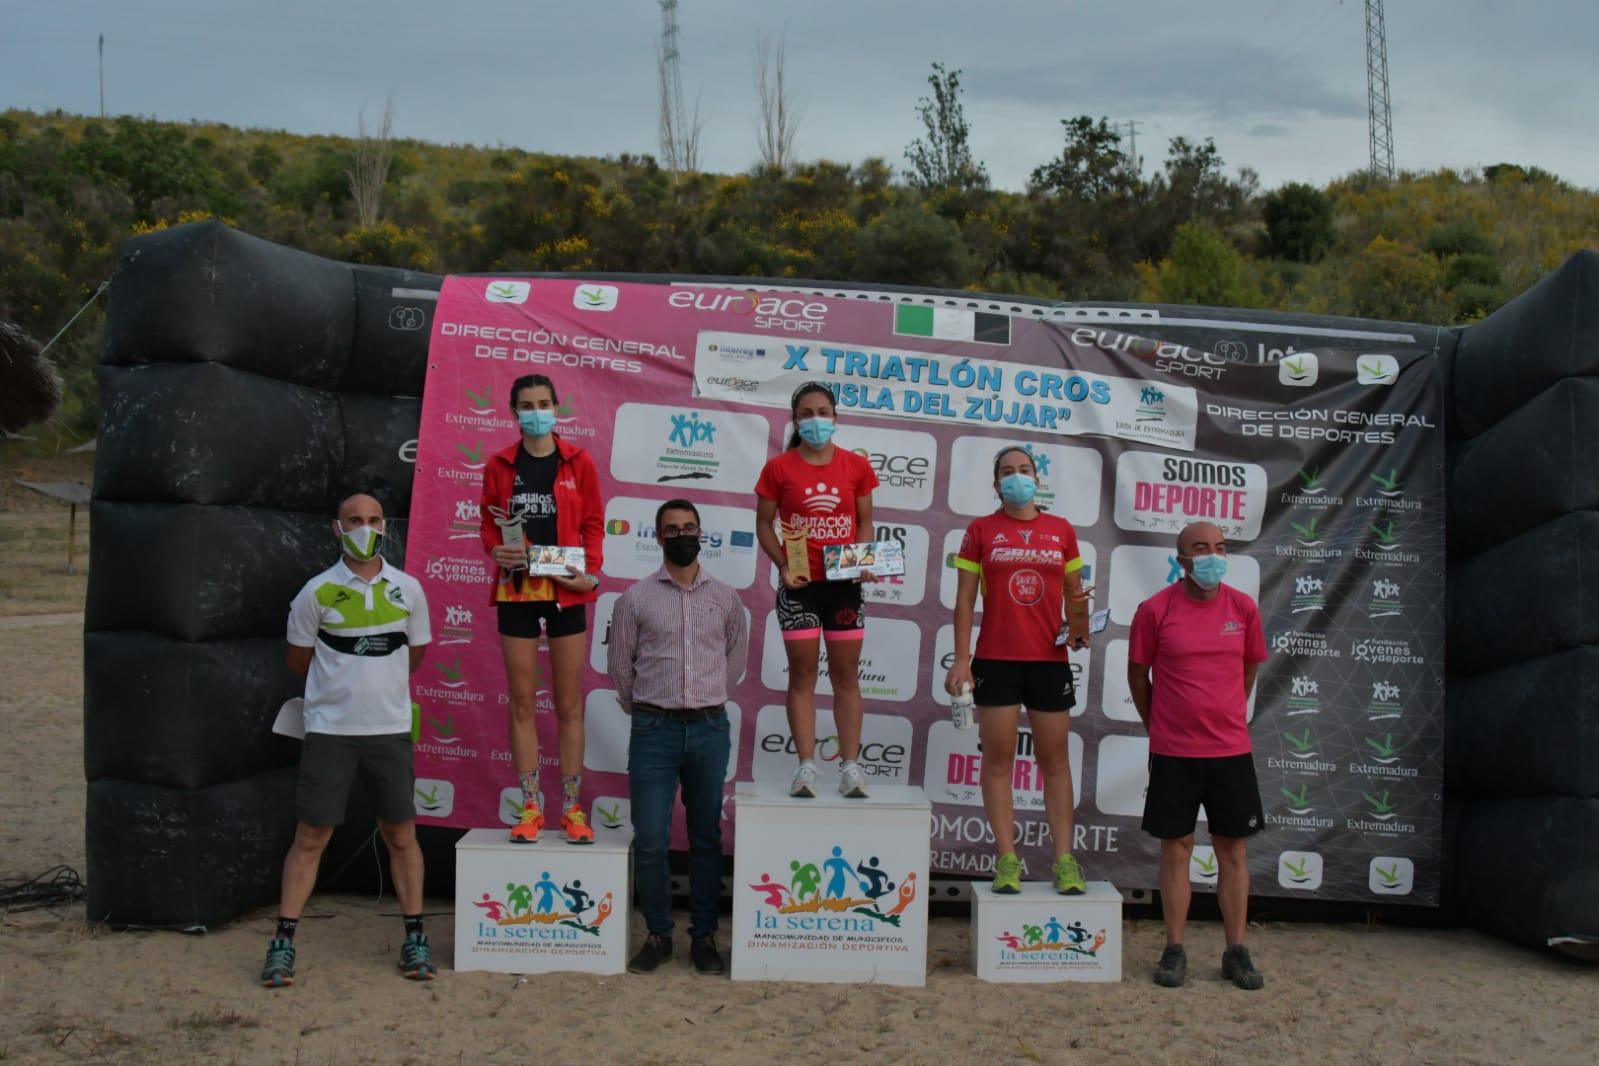 Carlos Cobos y María Remedios Mendoza, campeones de Extremadura de Triatlón Cros